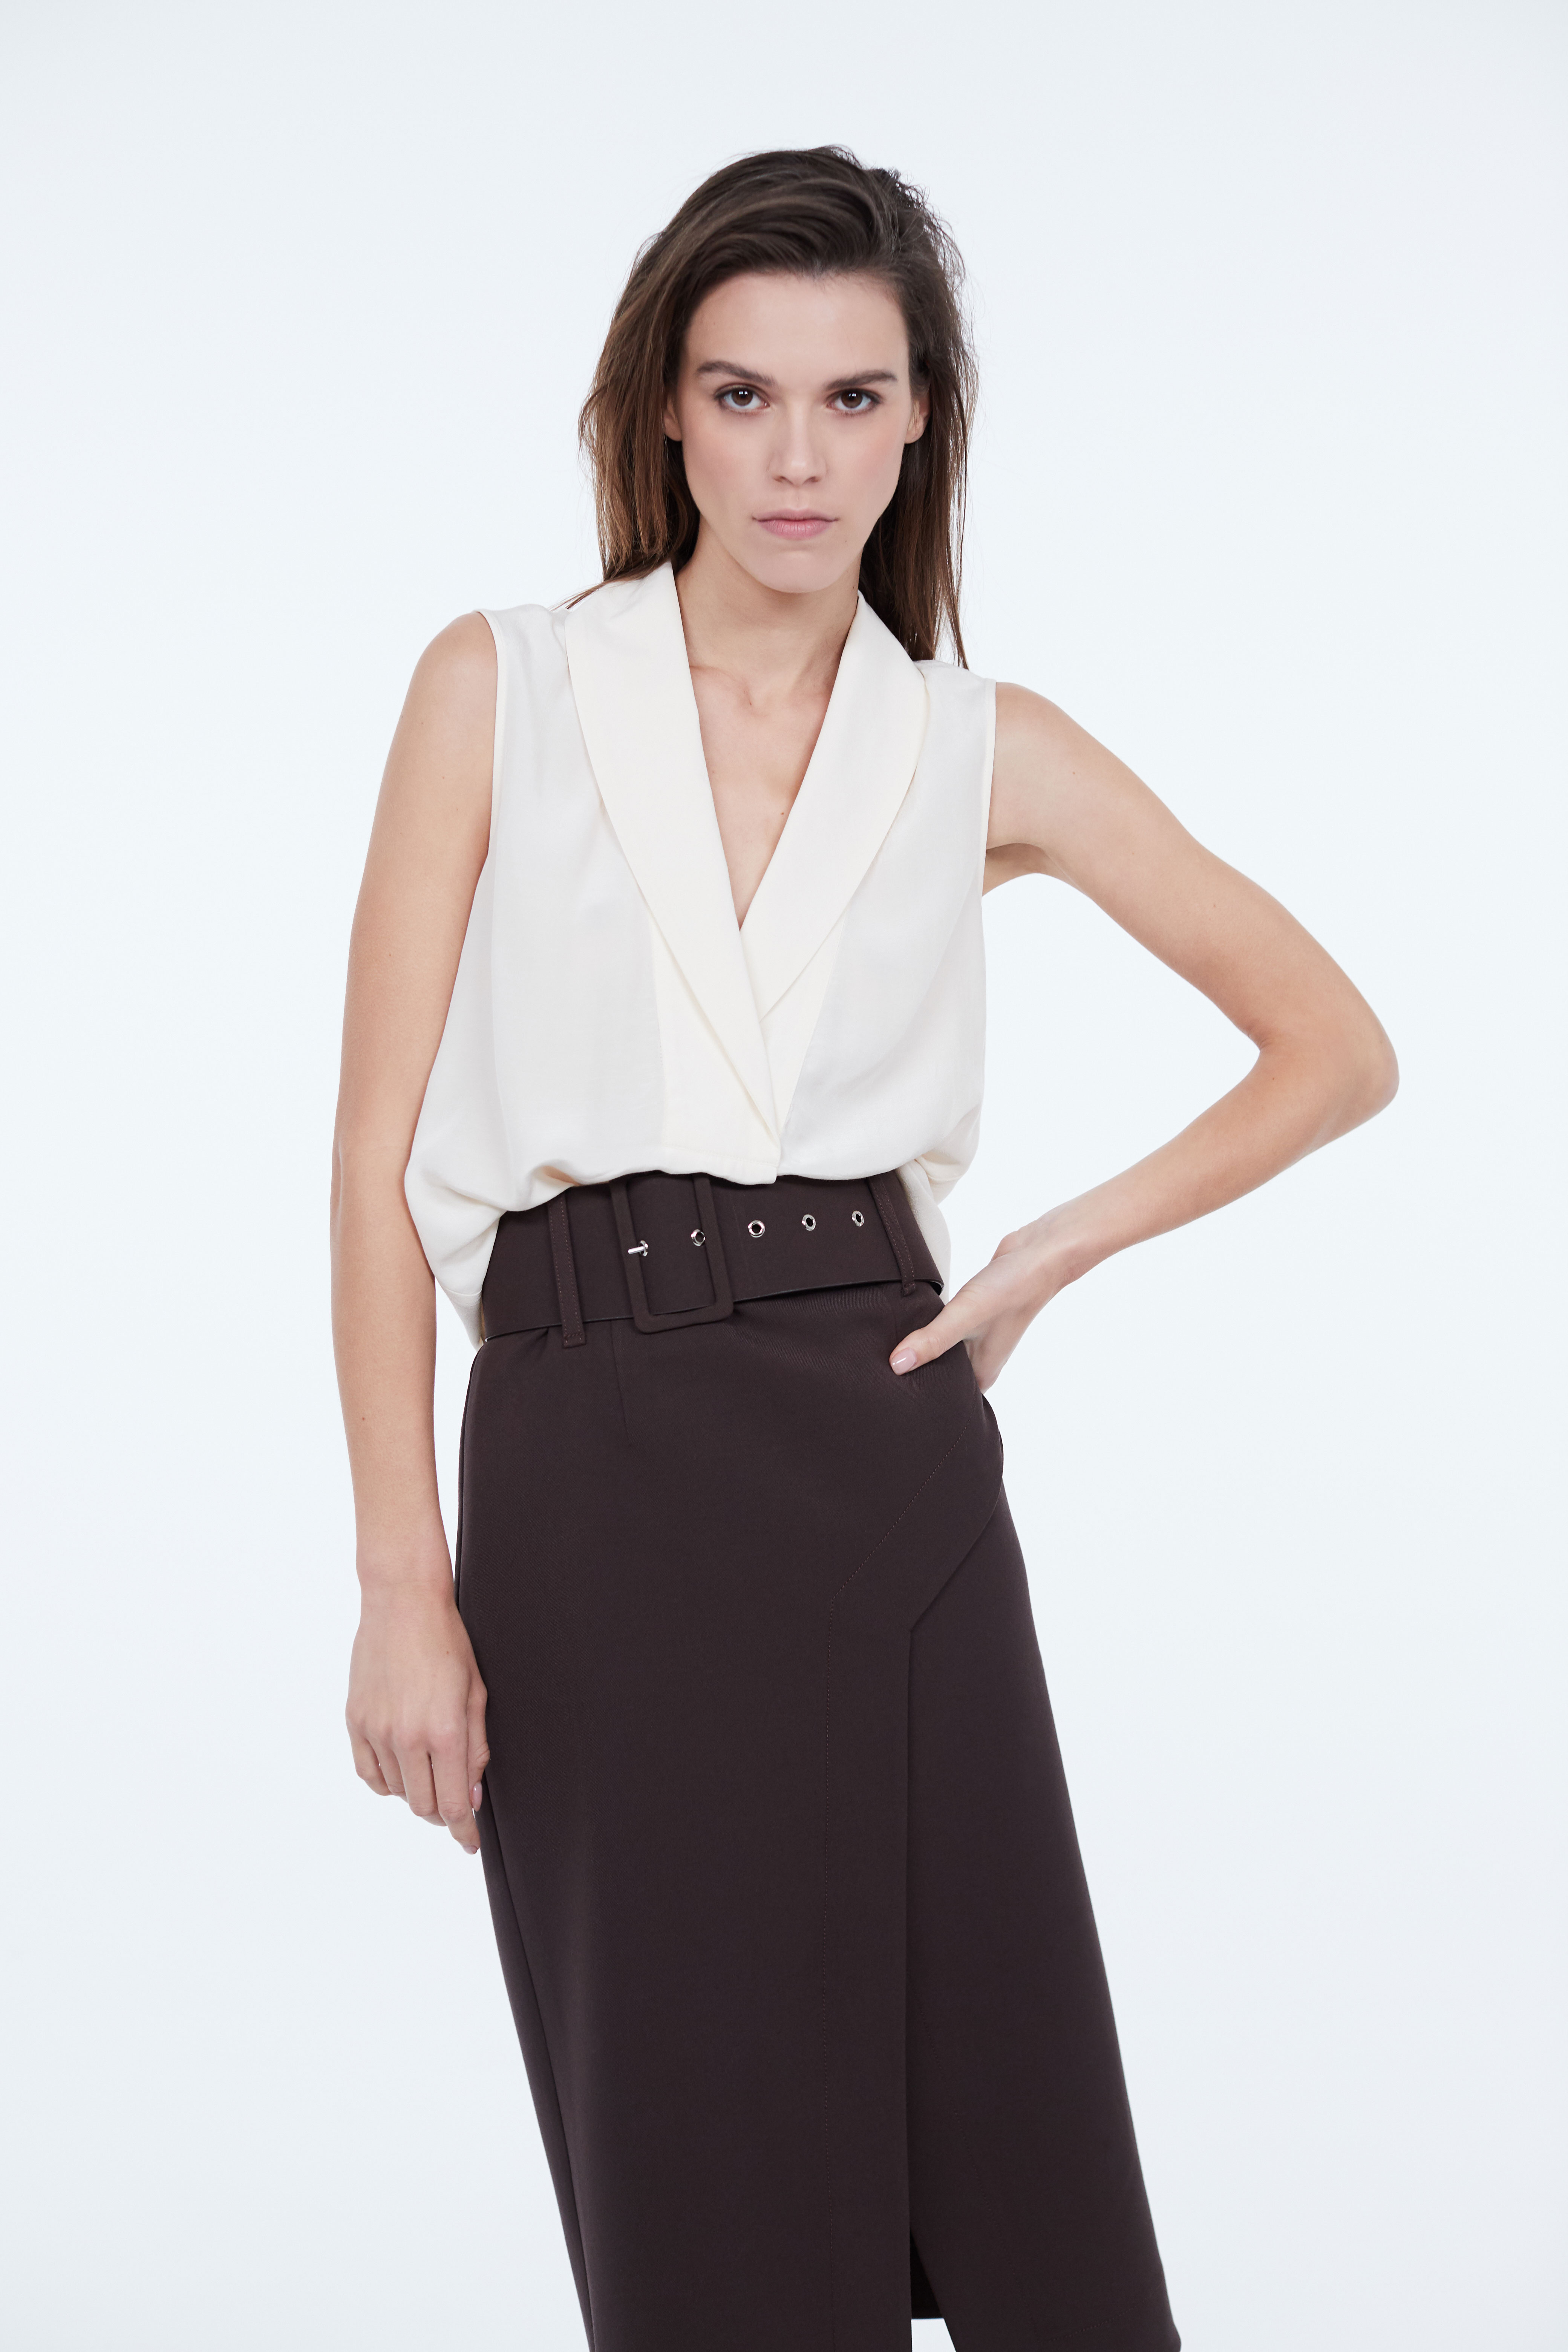 Блузка LIME Блузка с широким отложным воротником блузка lime блузка с эластичной талией